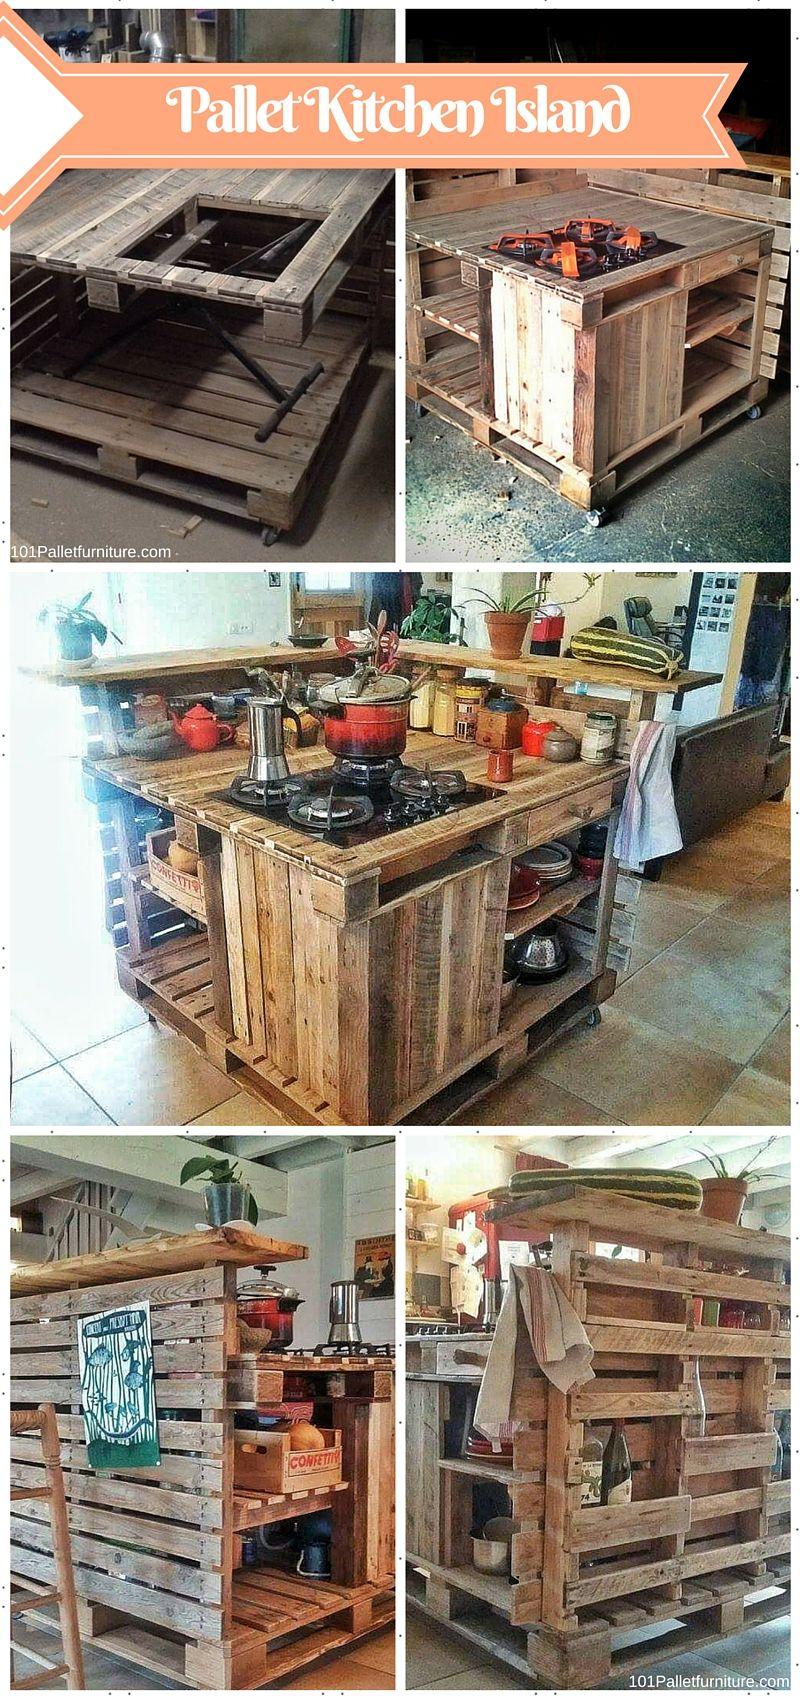 Pallet Kitchen Island - 101 Pallet Furniture